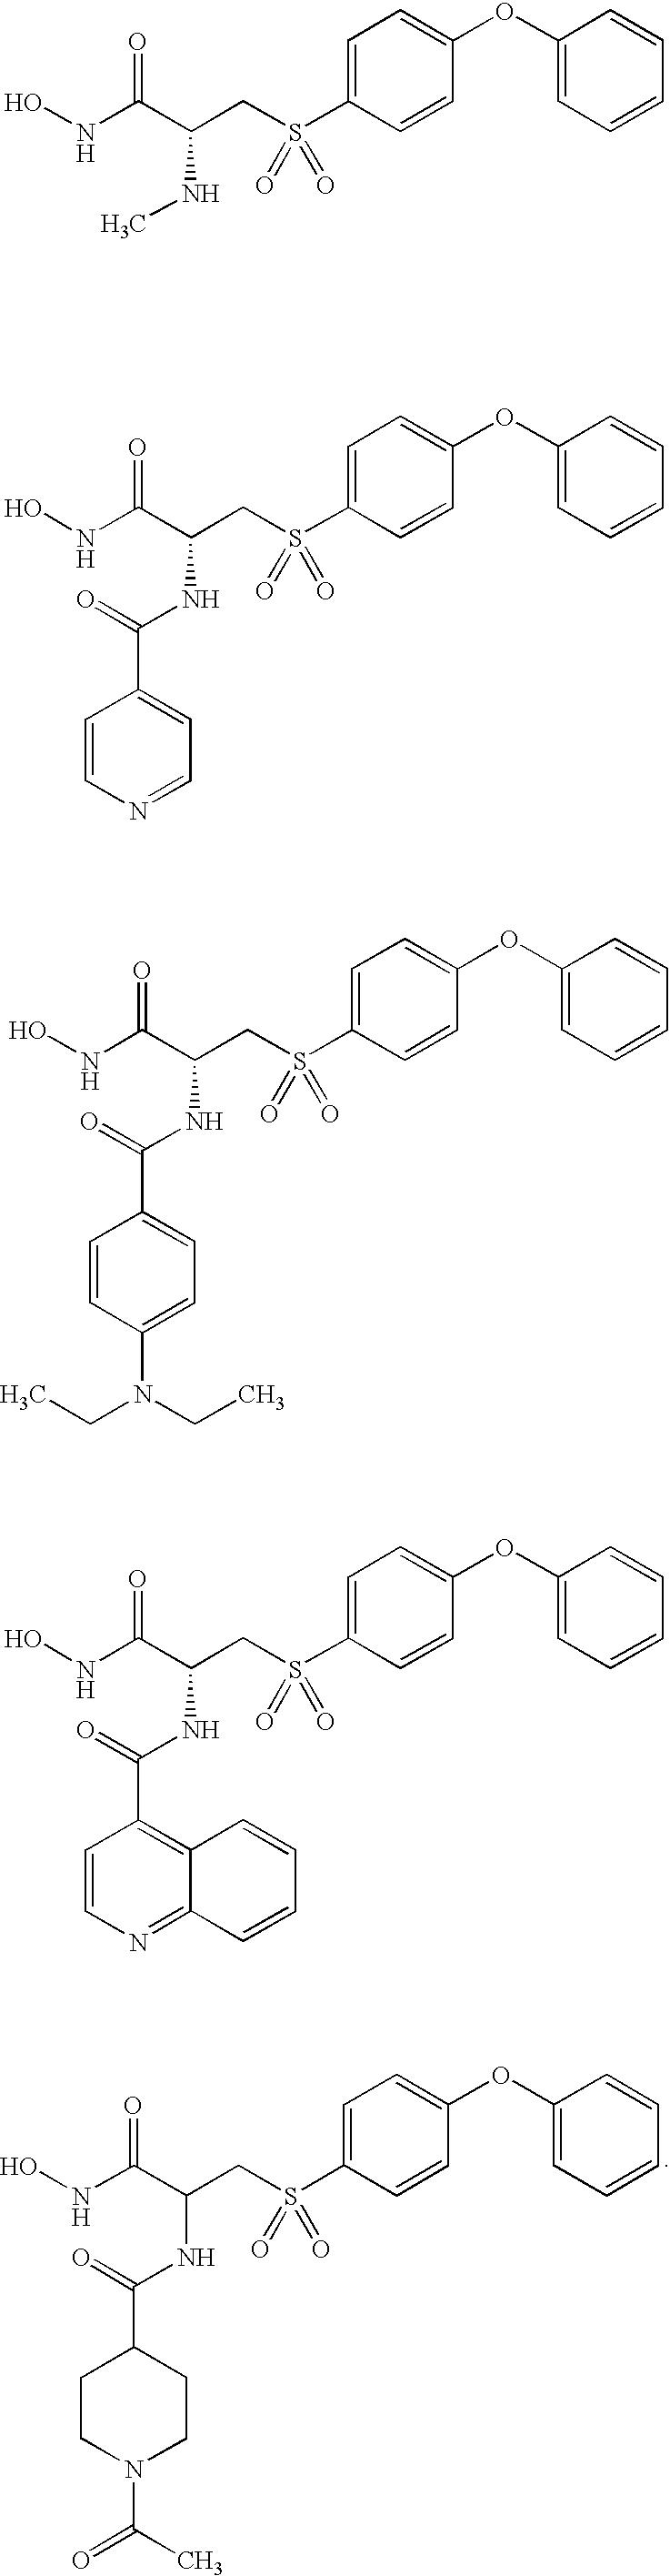 Figure US06583299-20030624-C00160